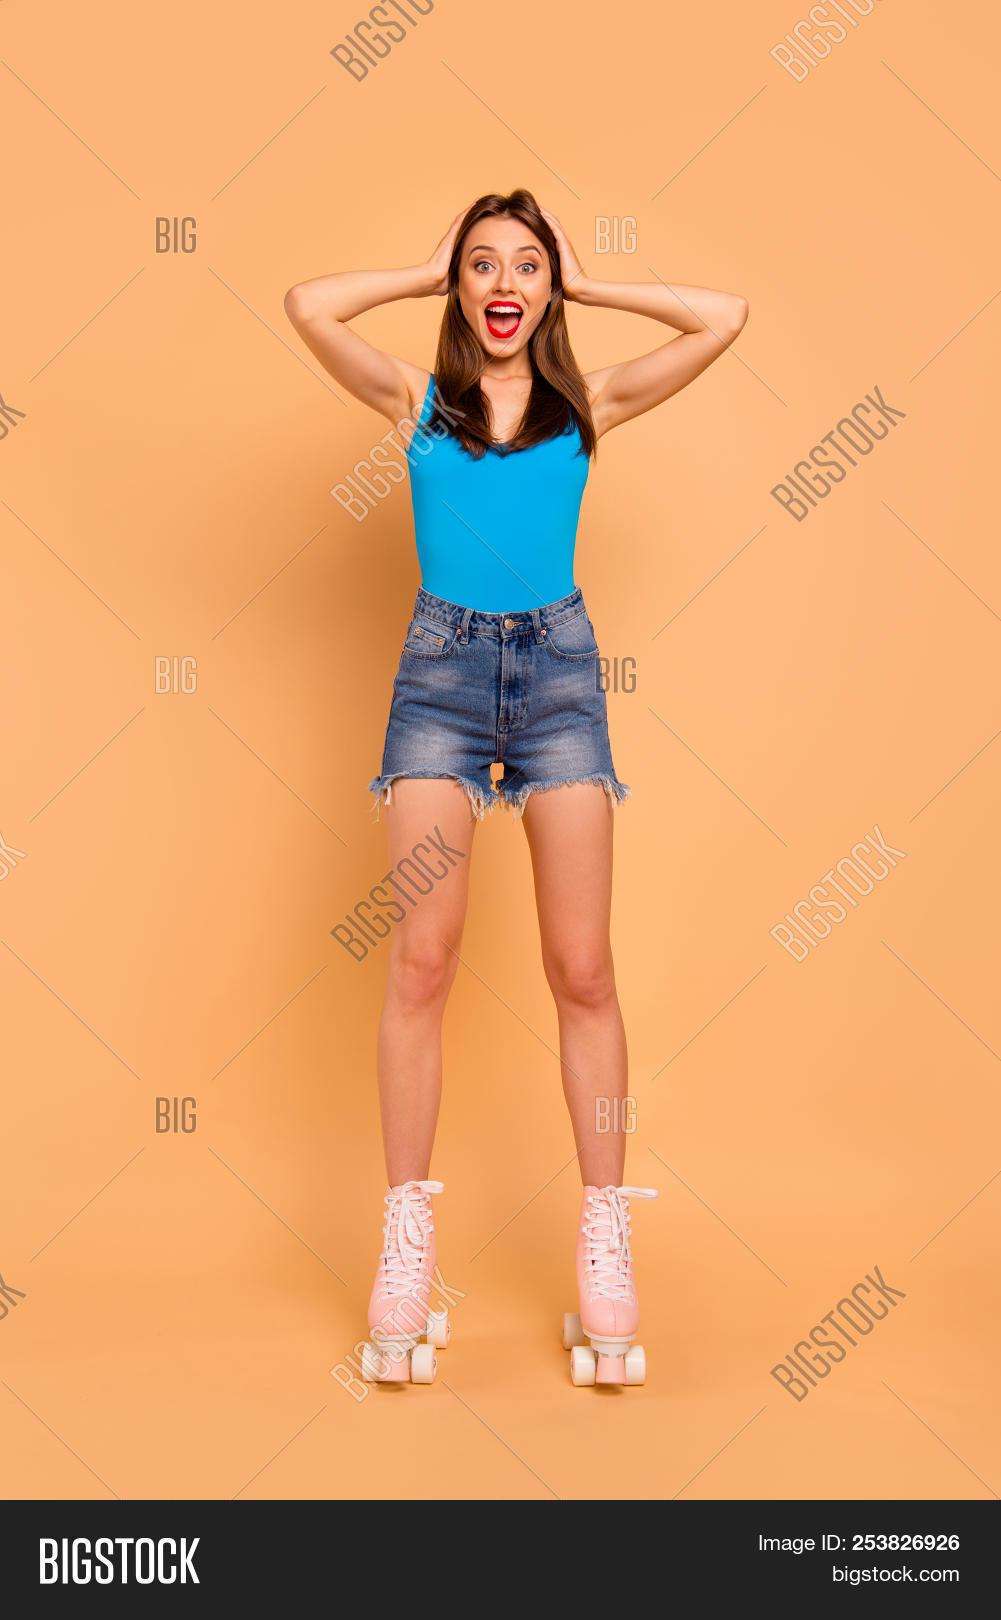 legs over her head